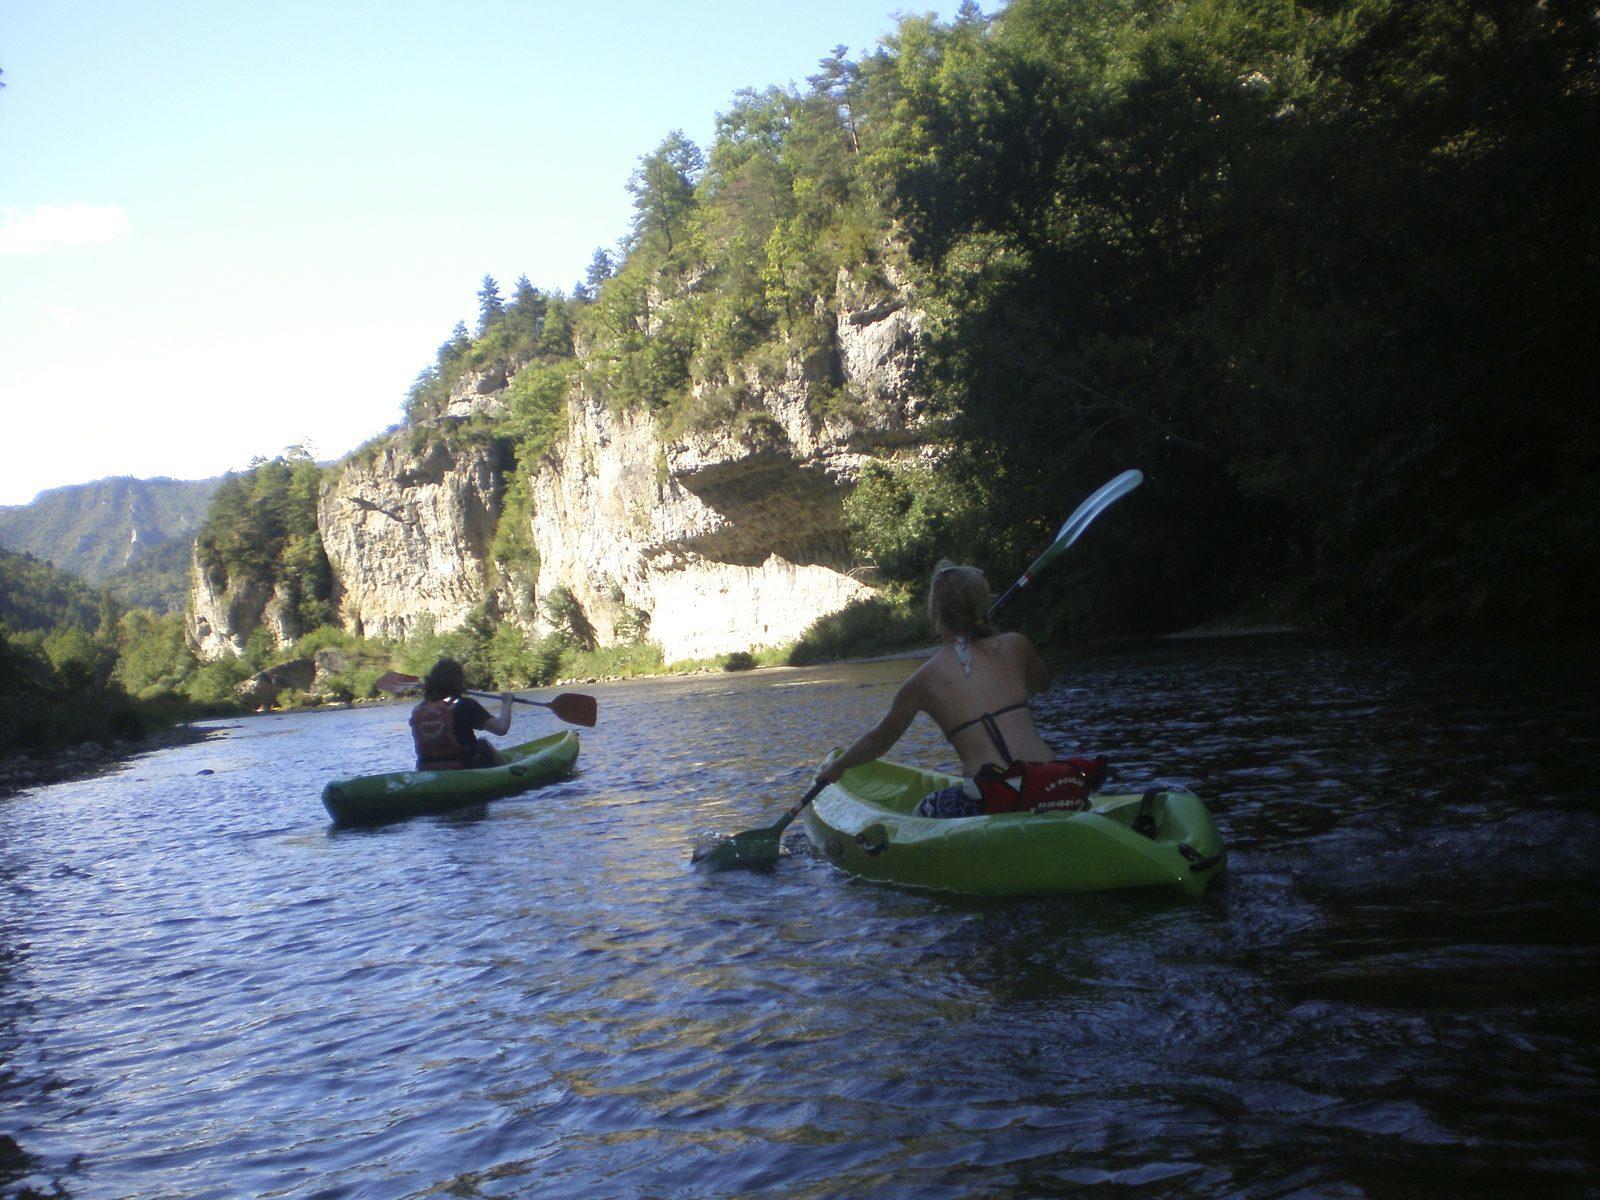 Tarn, kanoen, Cevennes, Languedoc Roussillon, Frankrijk, vakantie